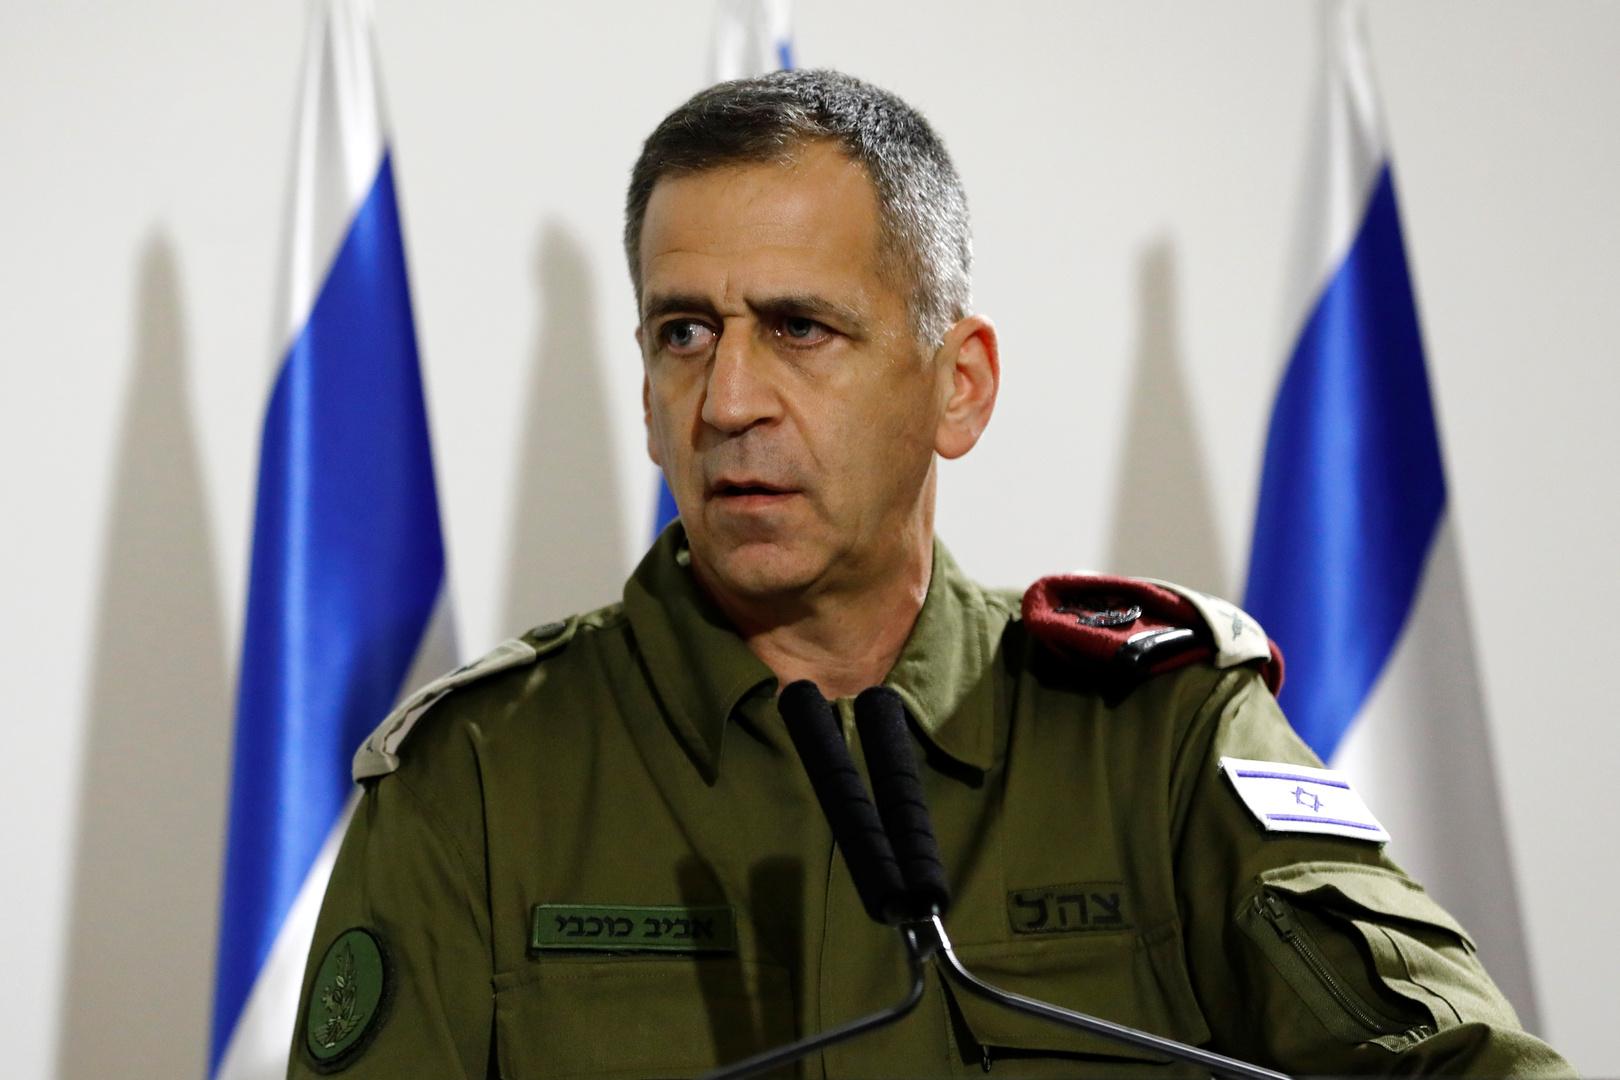 إسرائيل.. كوخافي يبحث مع جنرالات أمريكيين تأثير الاتفاق النووي الإيراني على ساحة لبنان وسوريا وغزة